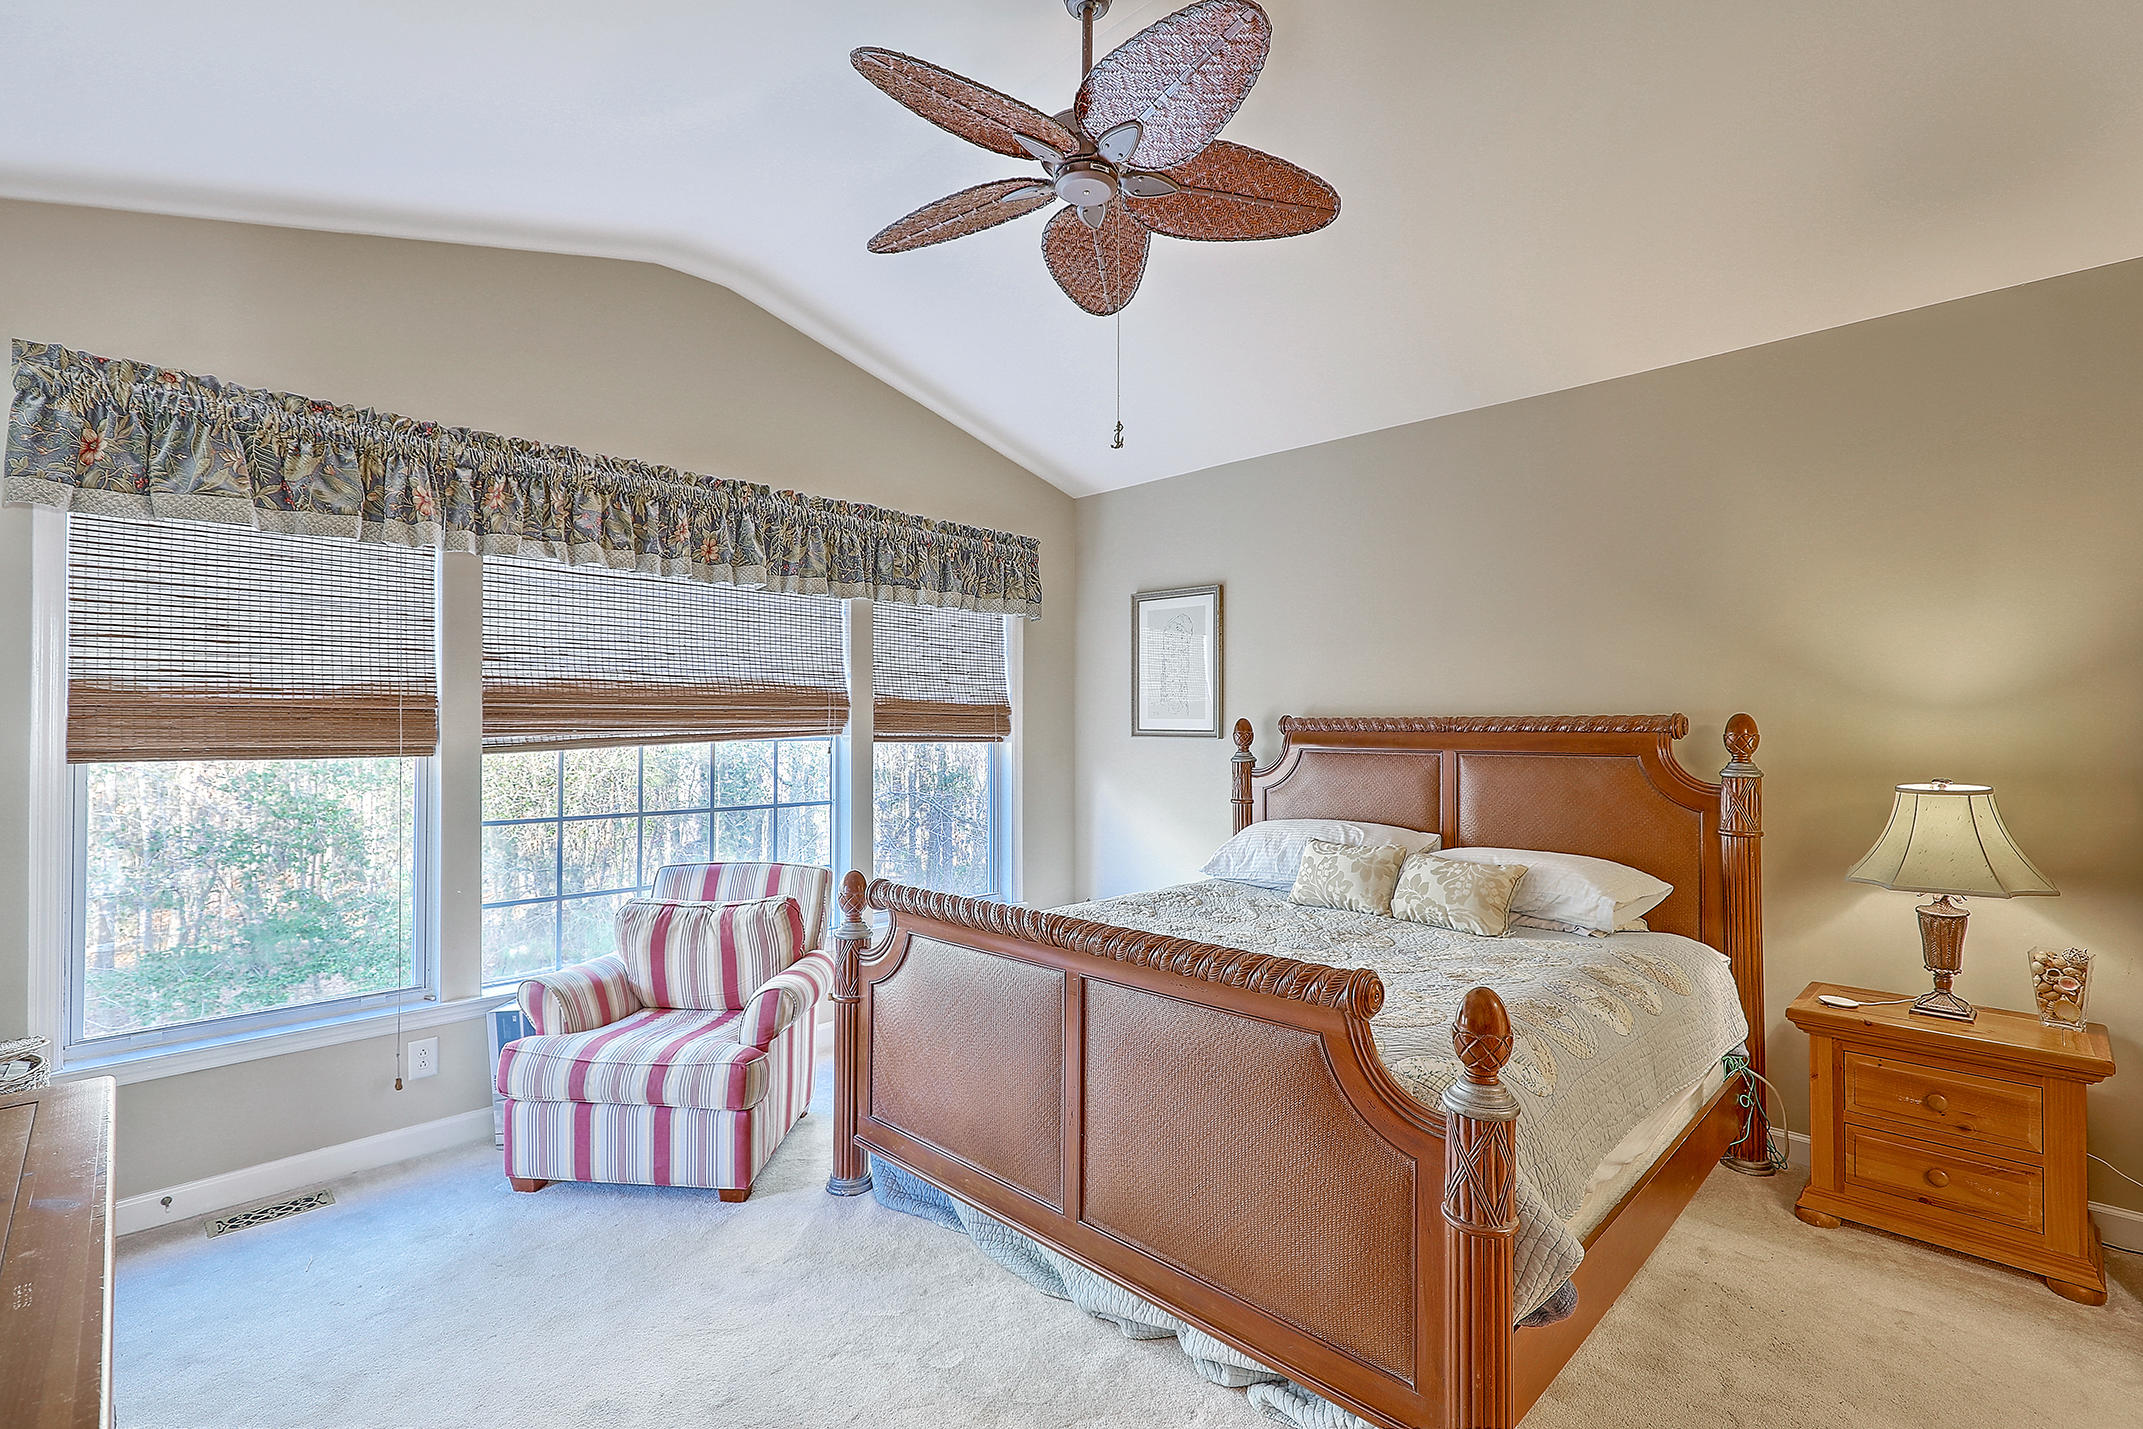 Dunes West Homes For Sale - 129 Palm Cove, Mount Pleasant, SC - 7